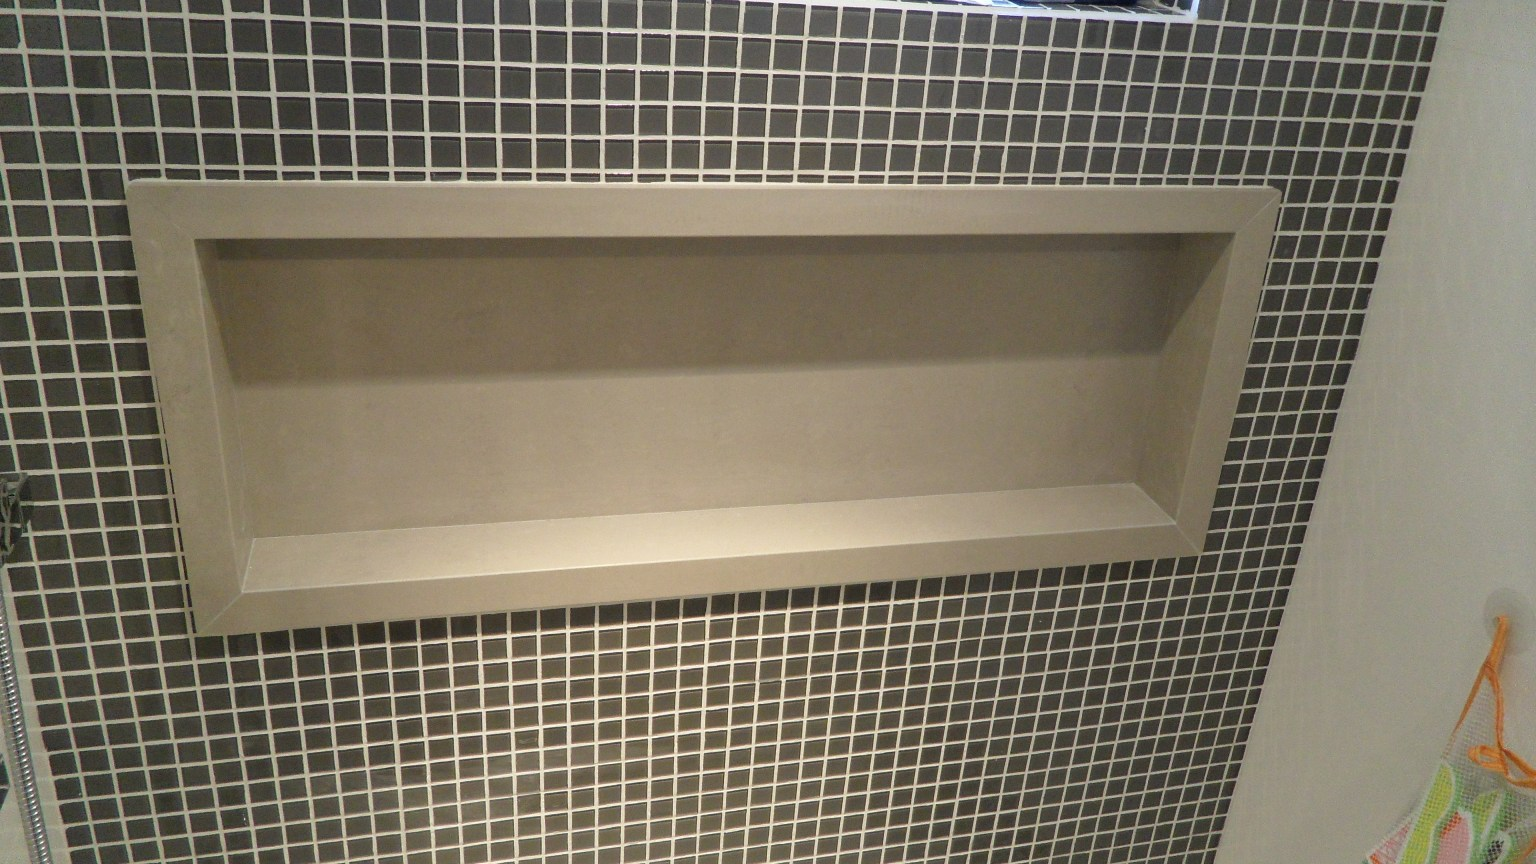 Bel Taglio cortes especiais em porcelanato.: Bancada e Nicho  #836E48 1536x864 Banheiro Azulejo Metade